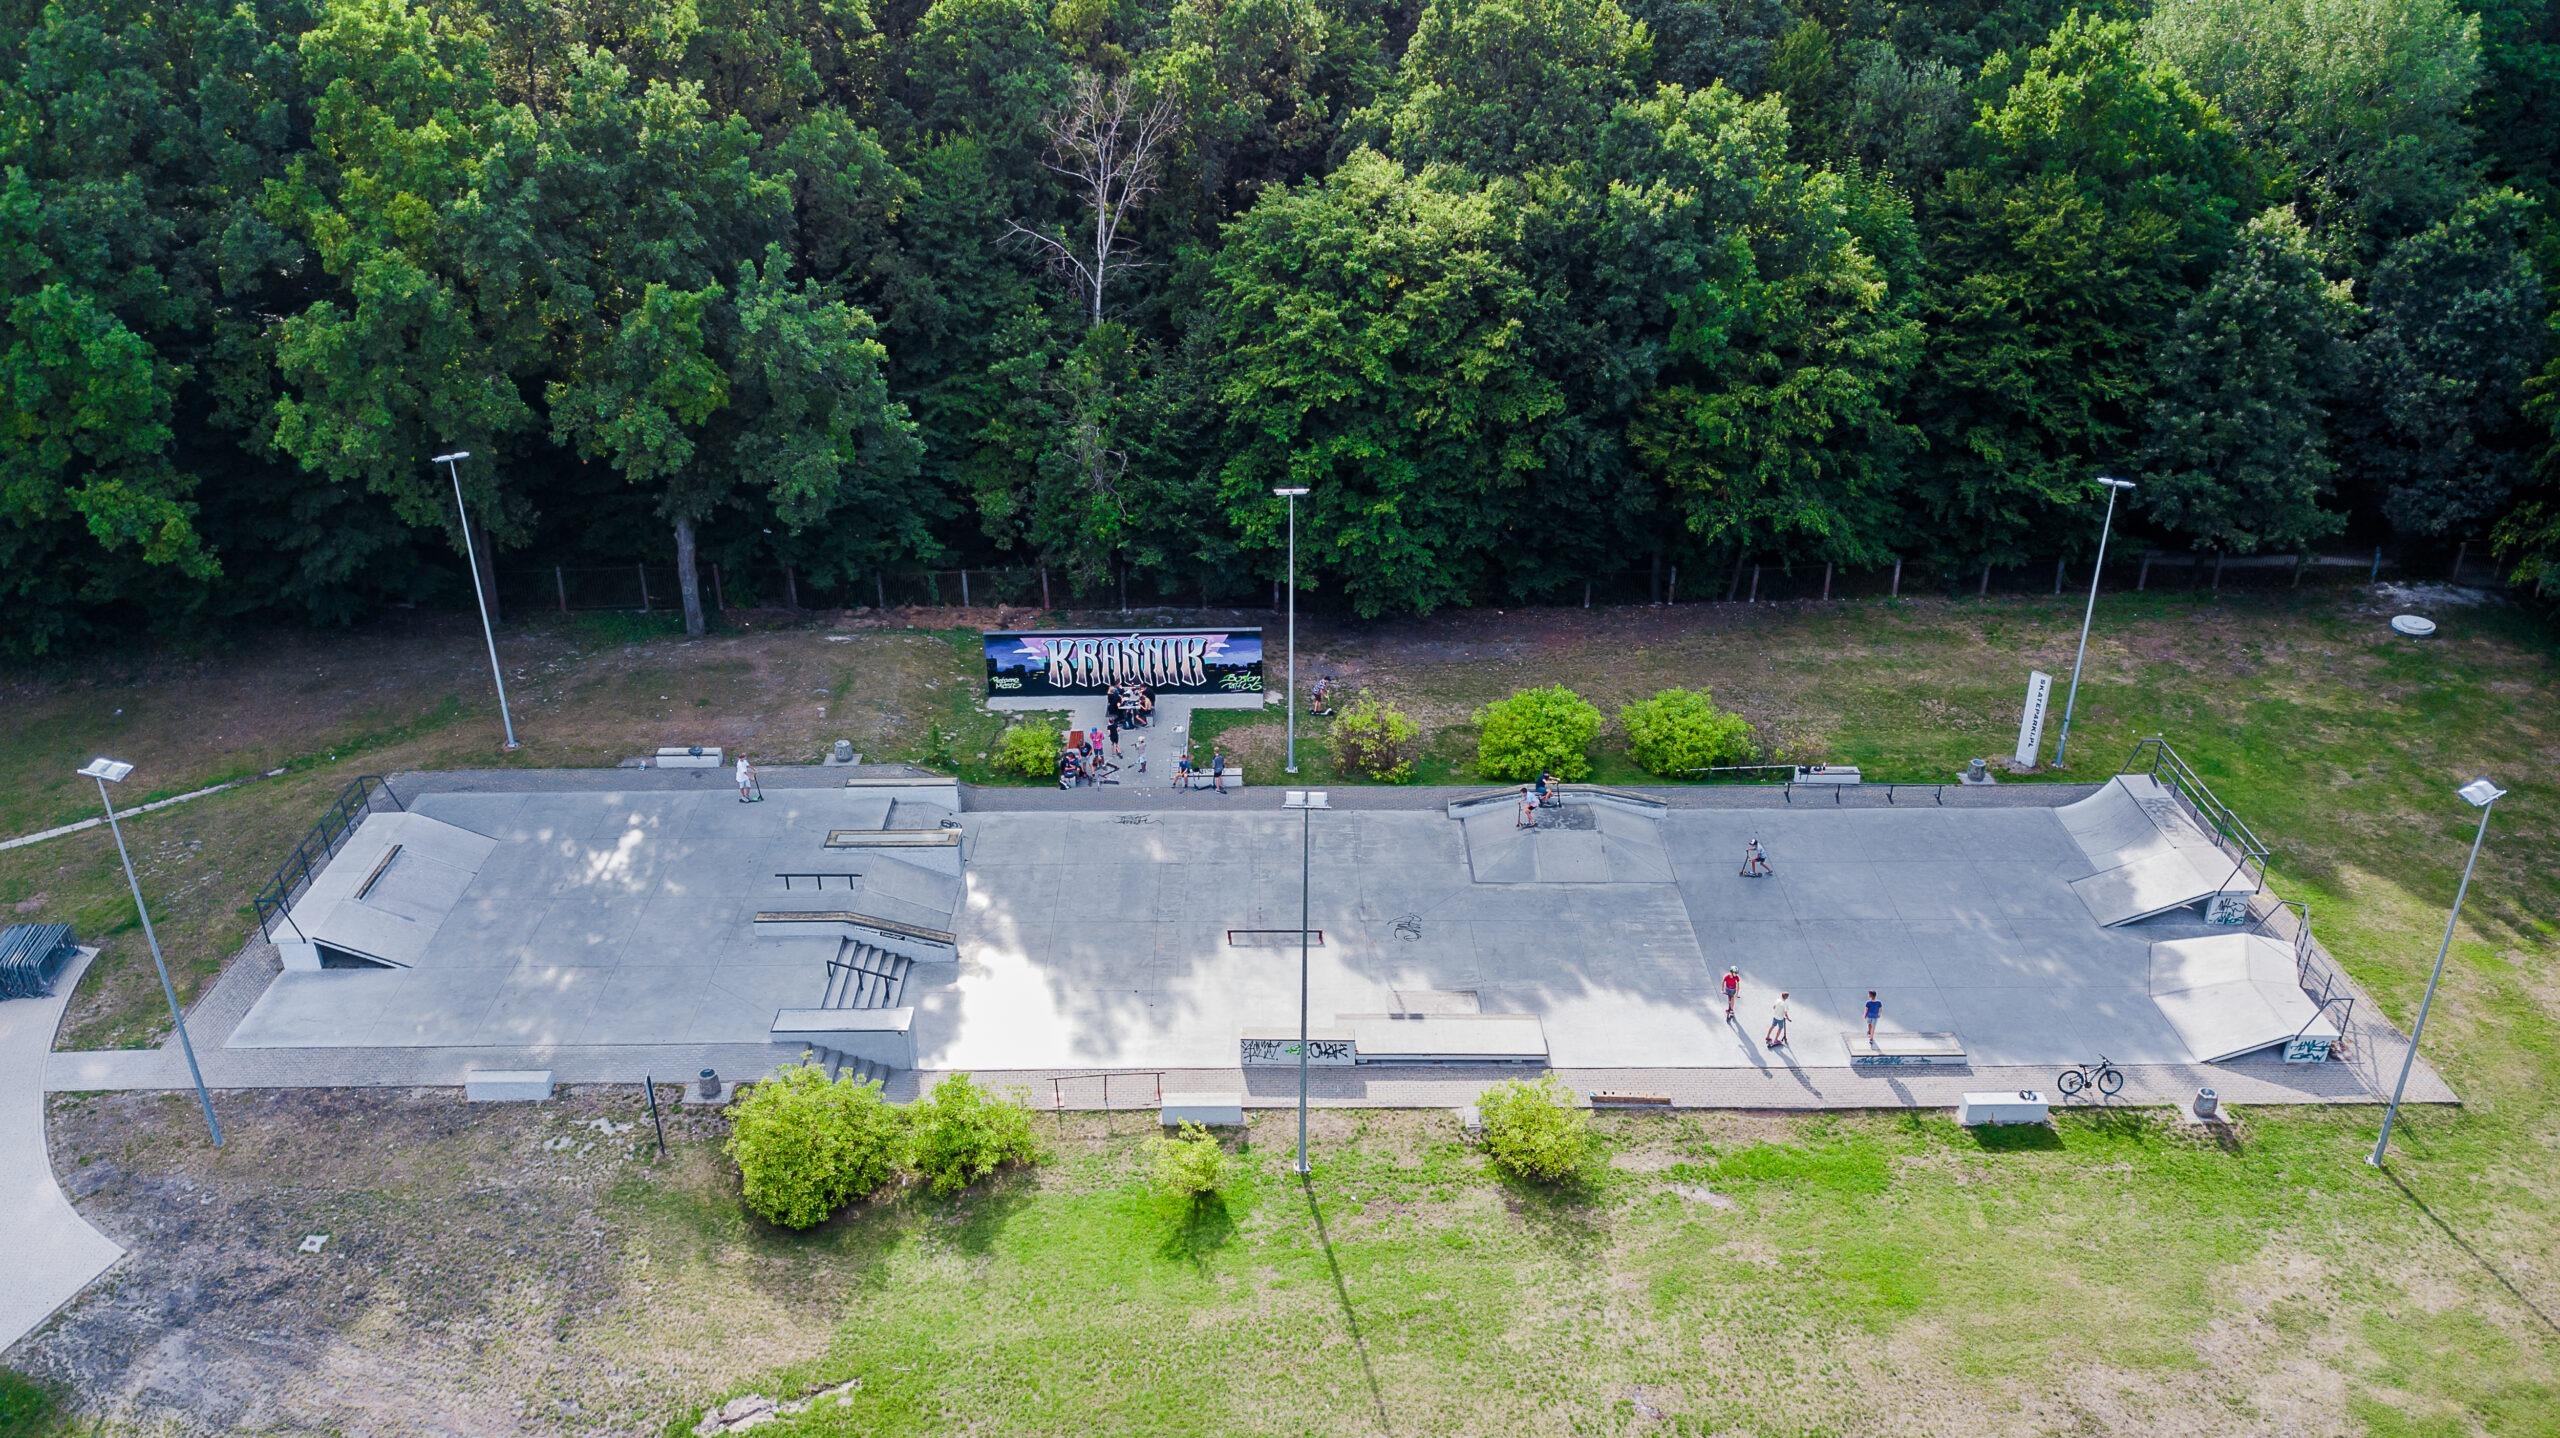 Zdjęcie przedstawia widok z drona na skatepark przy Miejskim Ośrodku Sportu i Rekreacji